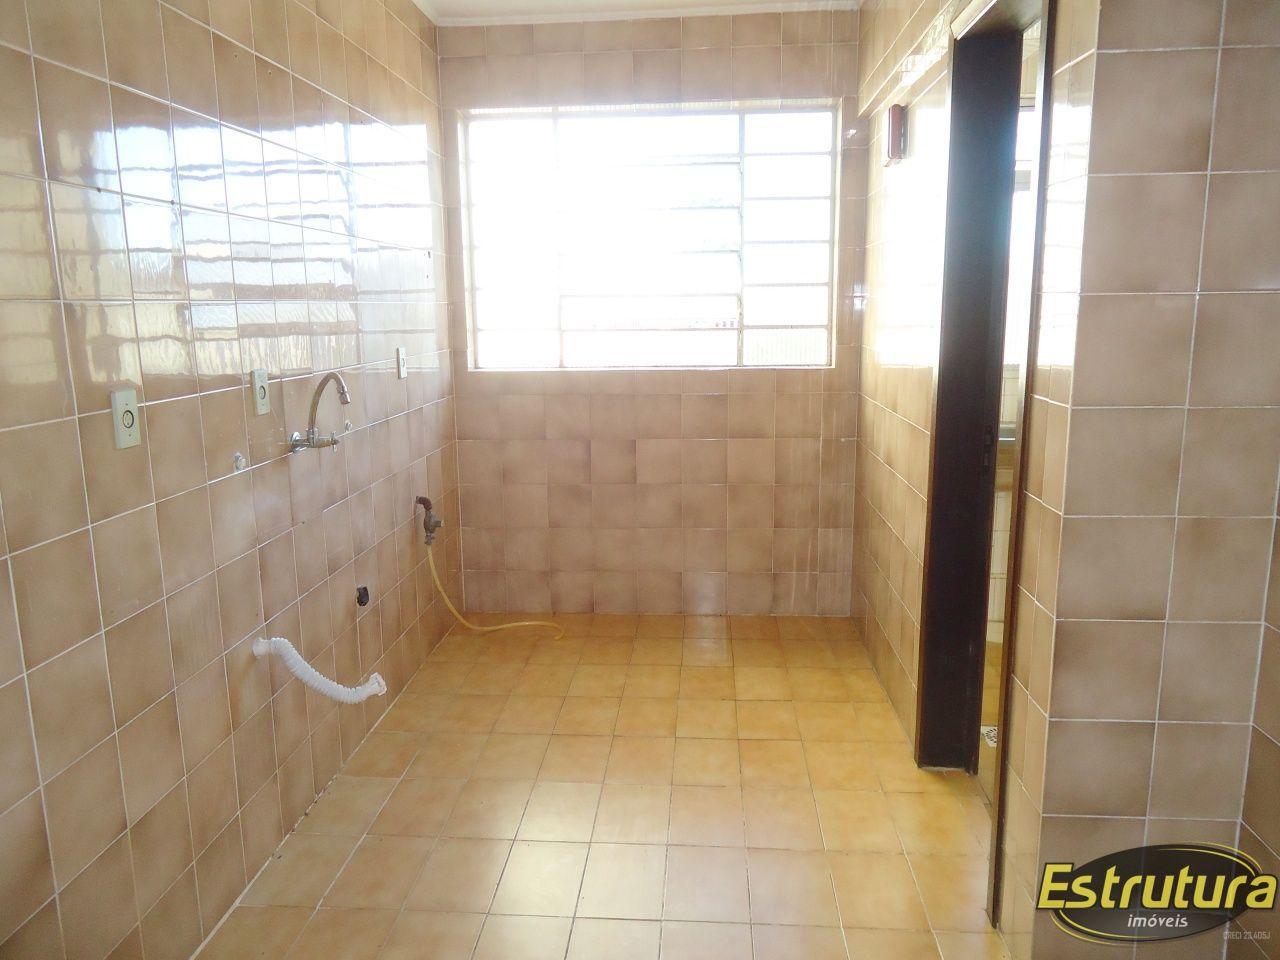 Apartamento com 2 Dormitórios à venda, 82 m² por R$ 265.000,00